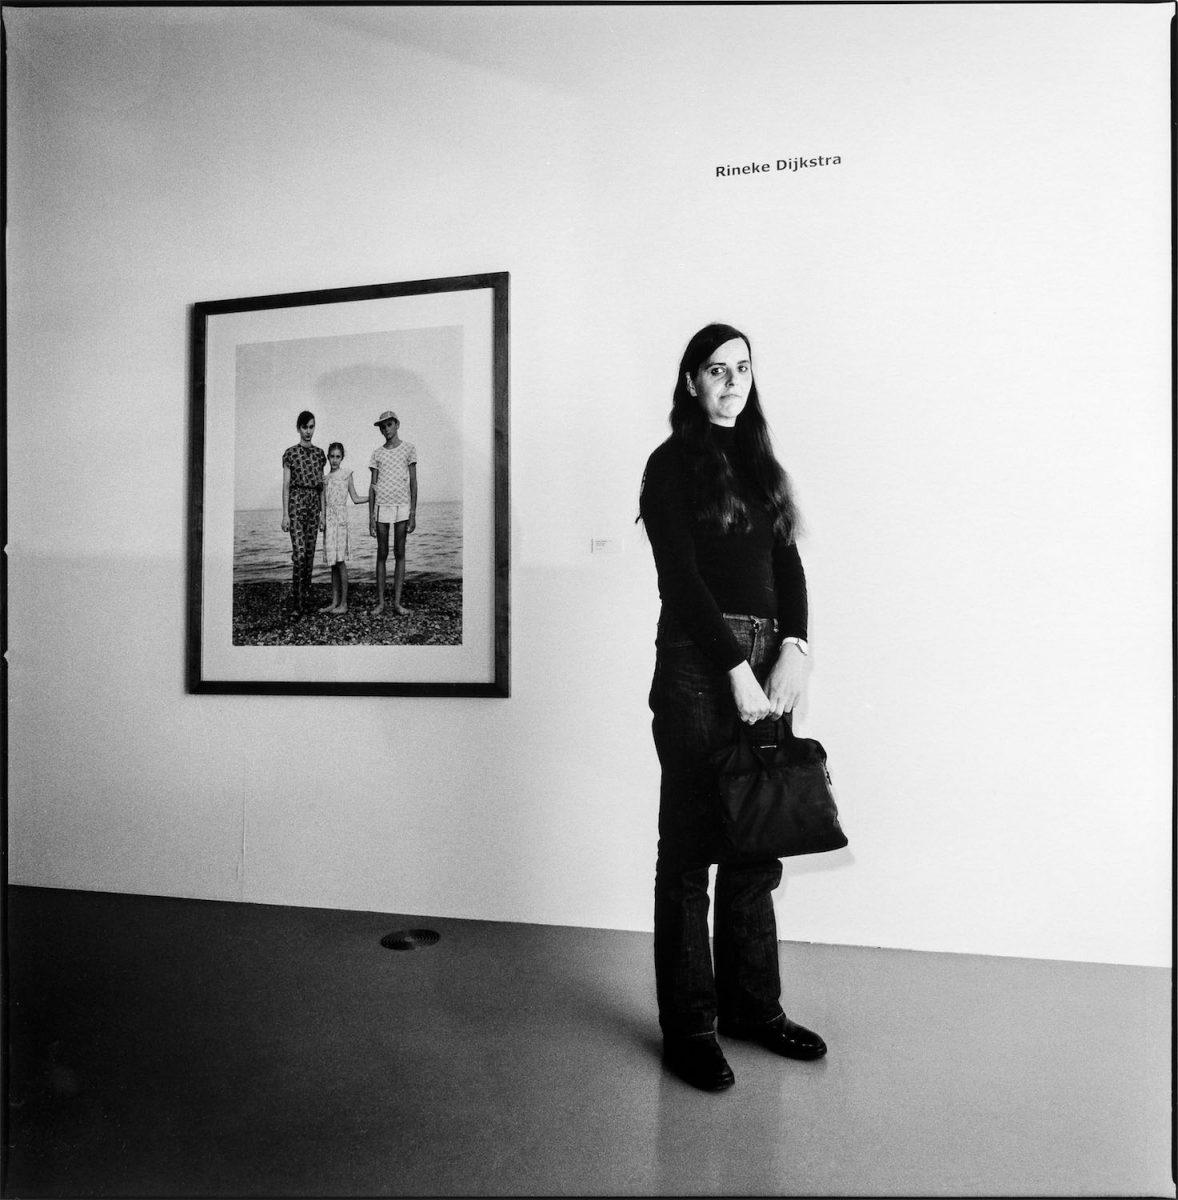 Rineke Dijkstra, Hamburg 2003